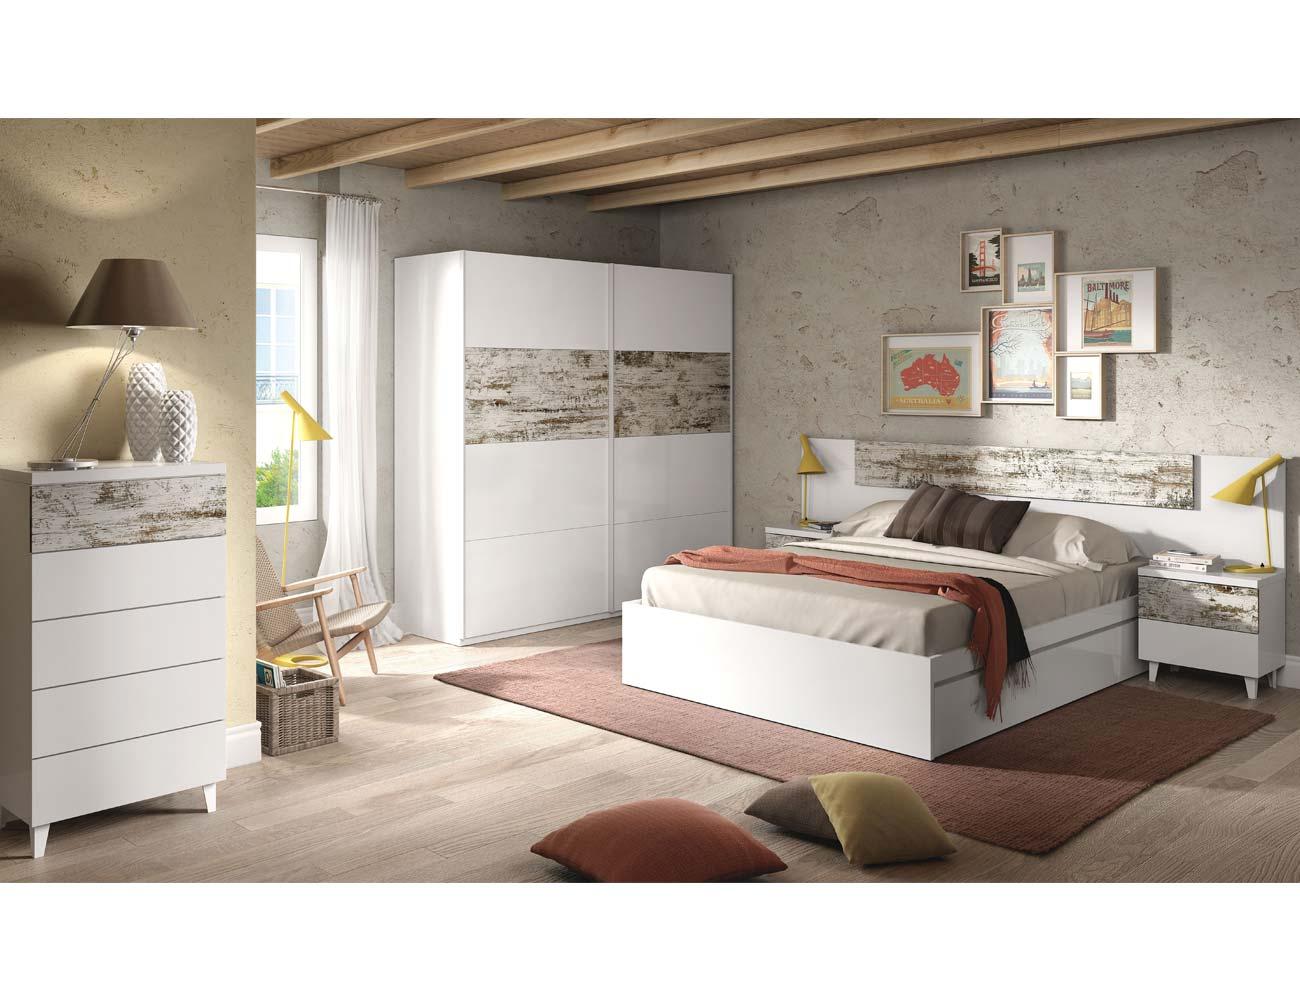 Dormitorio blanco vintage1